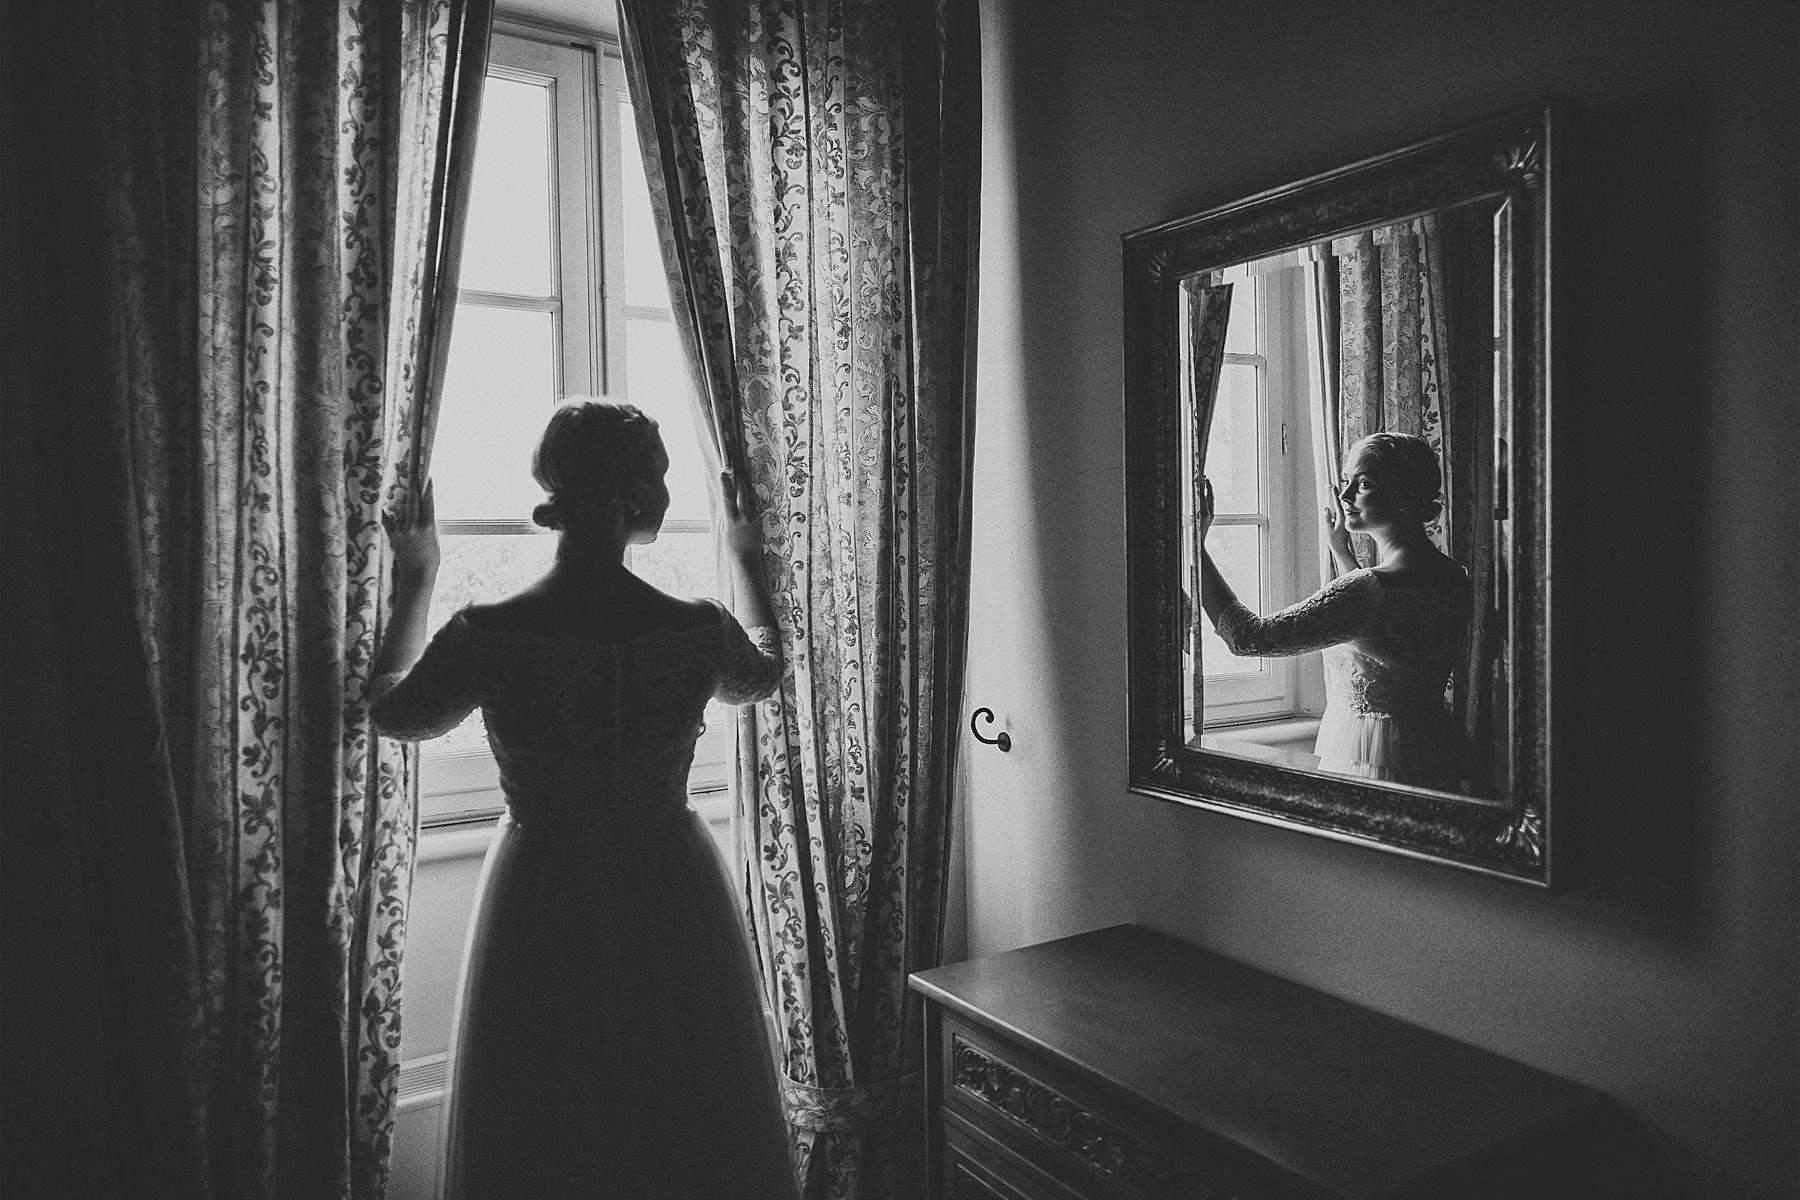 Sposa affacciata alla finestra riflessa nello specchio